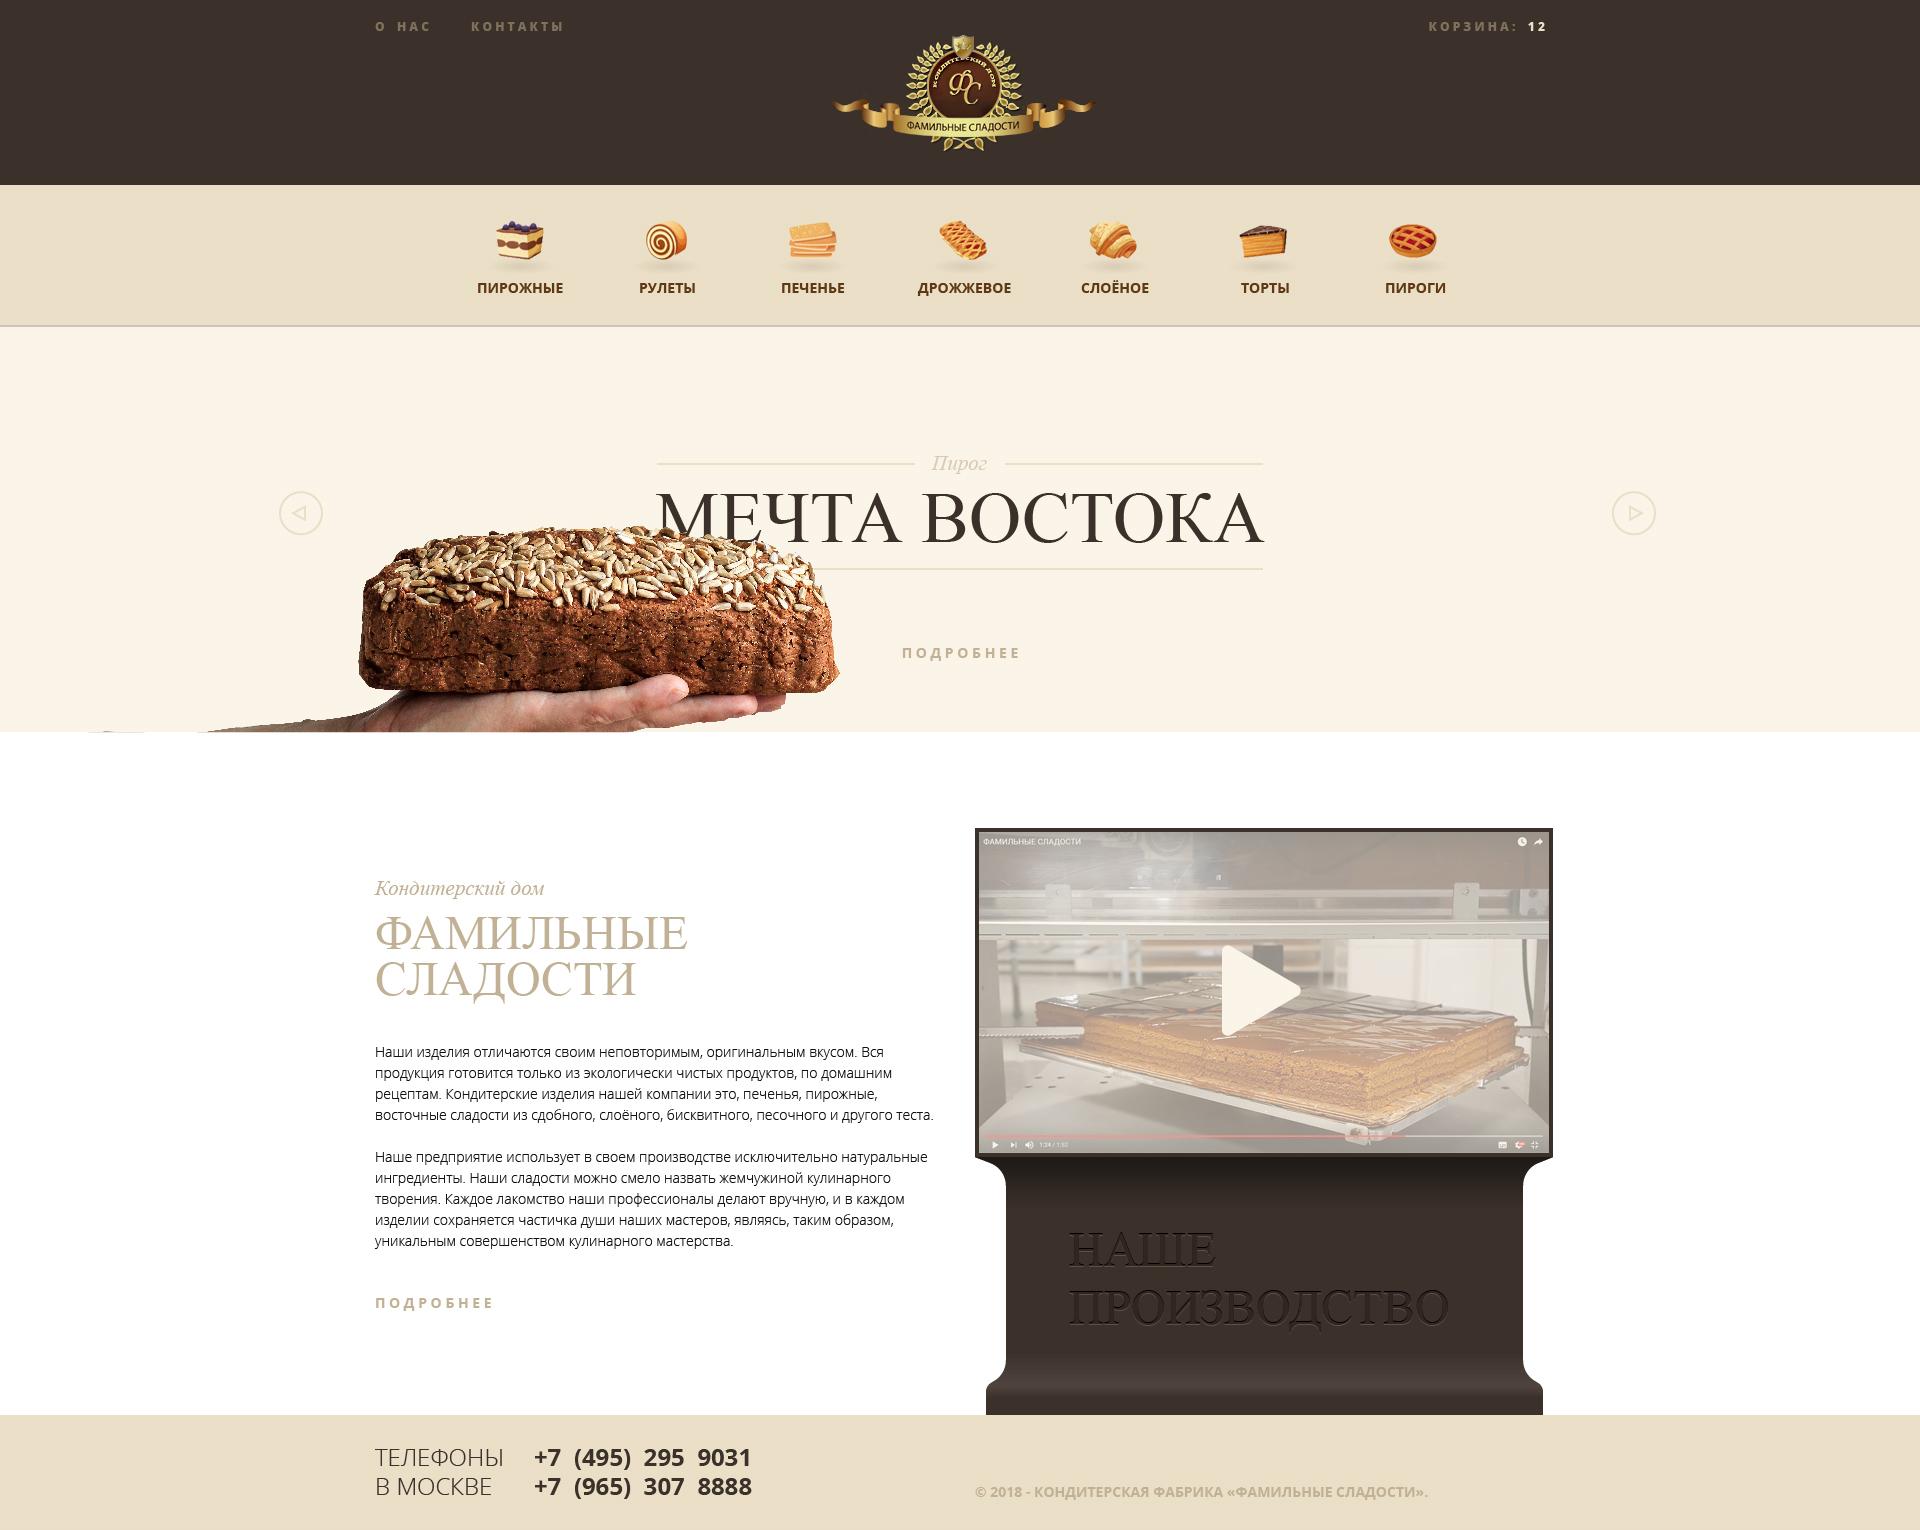 Редизайн главной страницы сайта кондитерского производства фото f_3325aa05f636671e.jpg